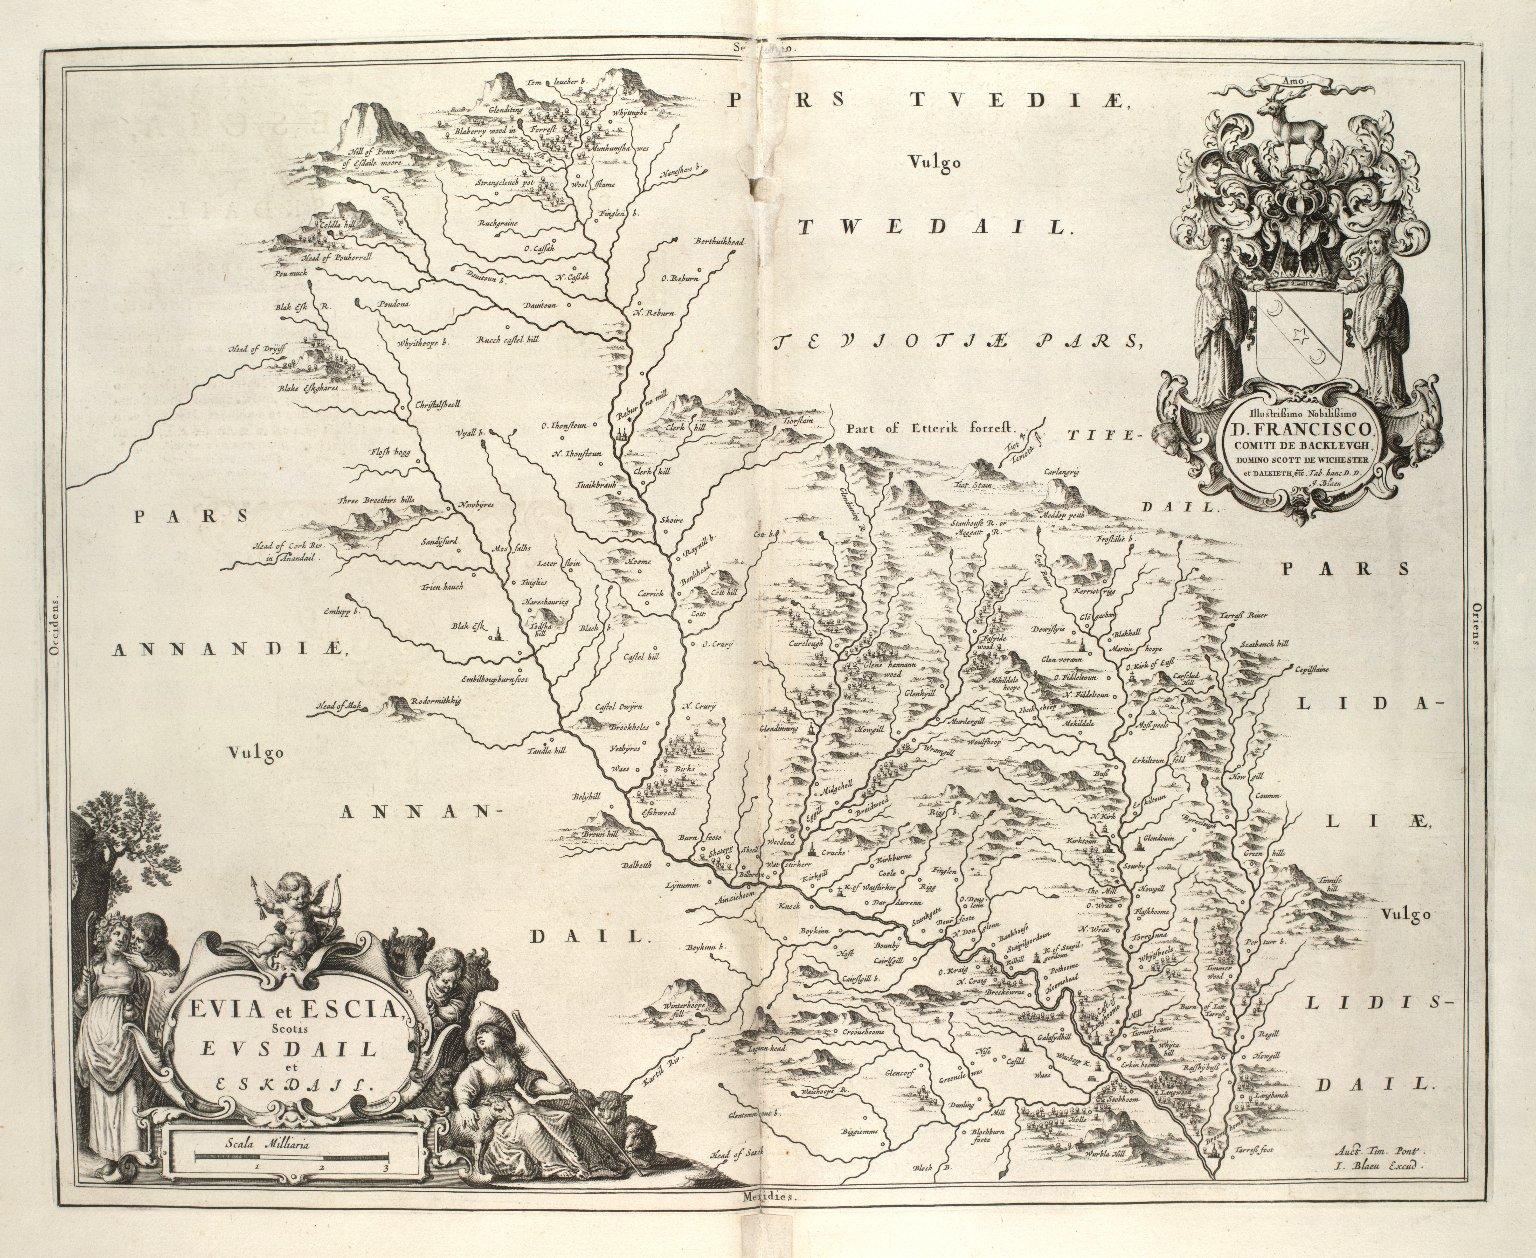 Evia et Escia : Scotis, Evsdail [i.e.Ewes Water] et Eskdail [i.e. Eskdale] [1 of 1]